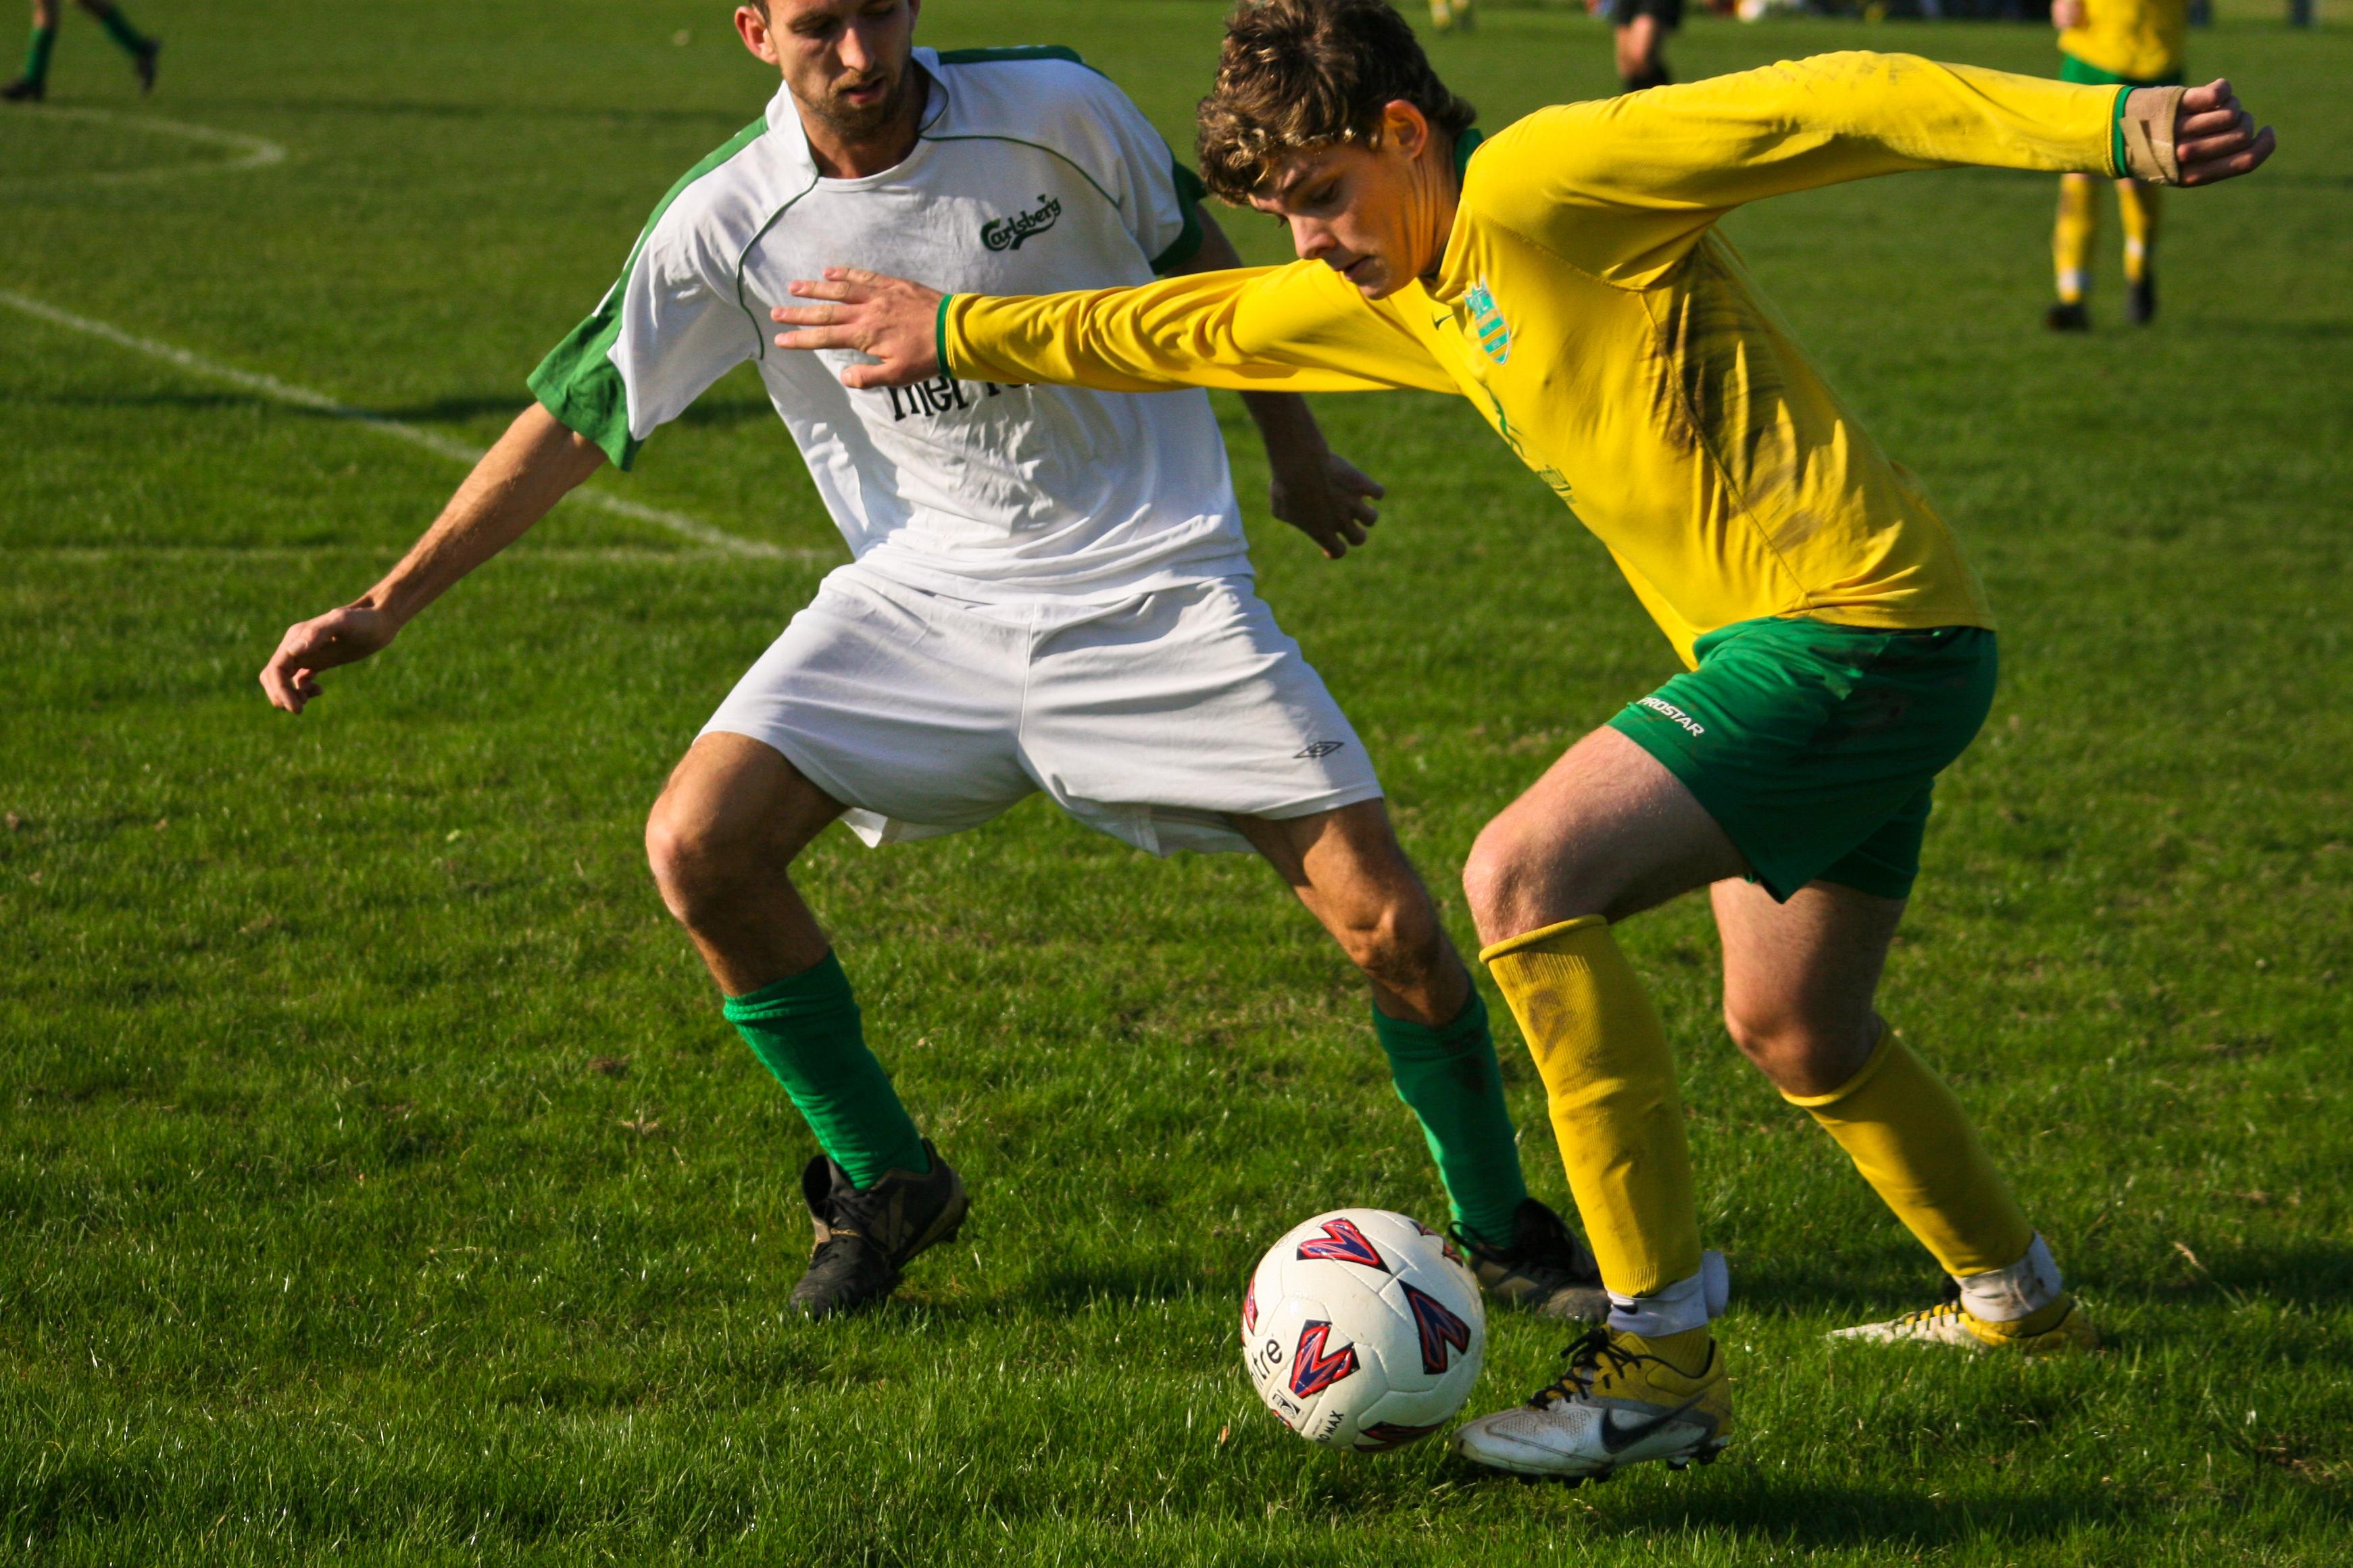 Картинки с футбольным мячом и с футболистами